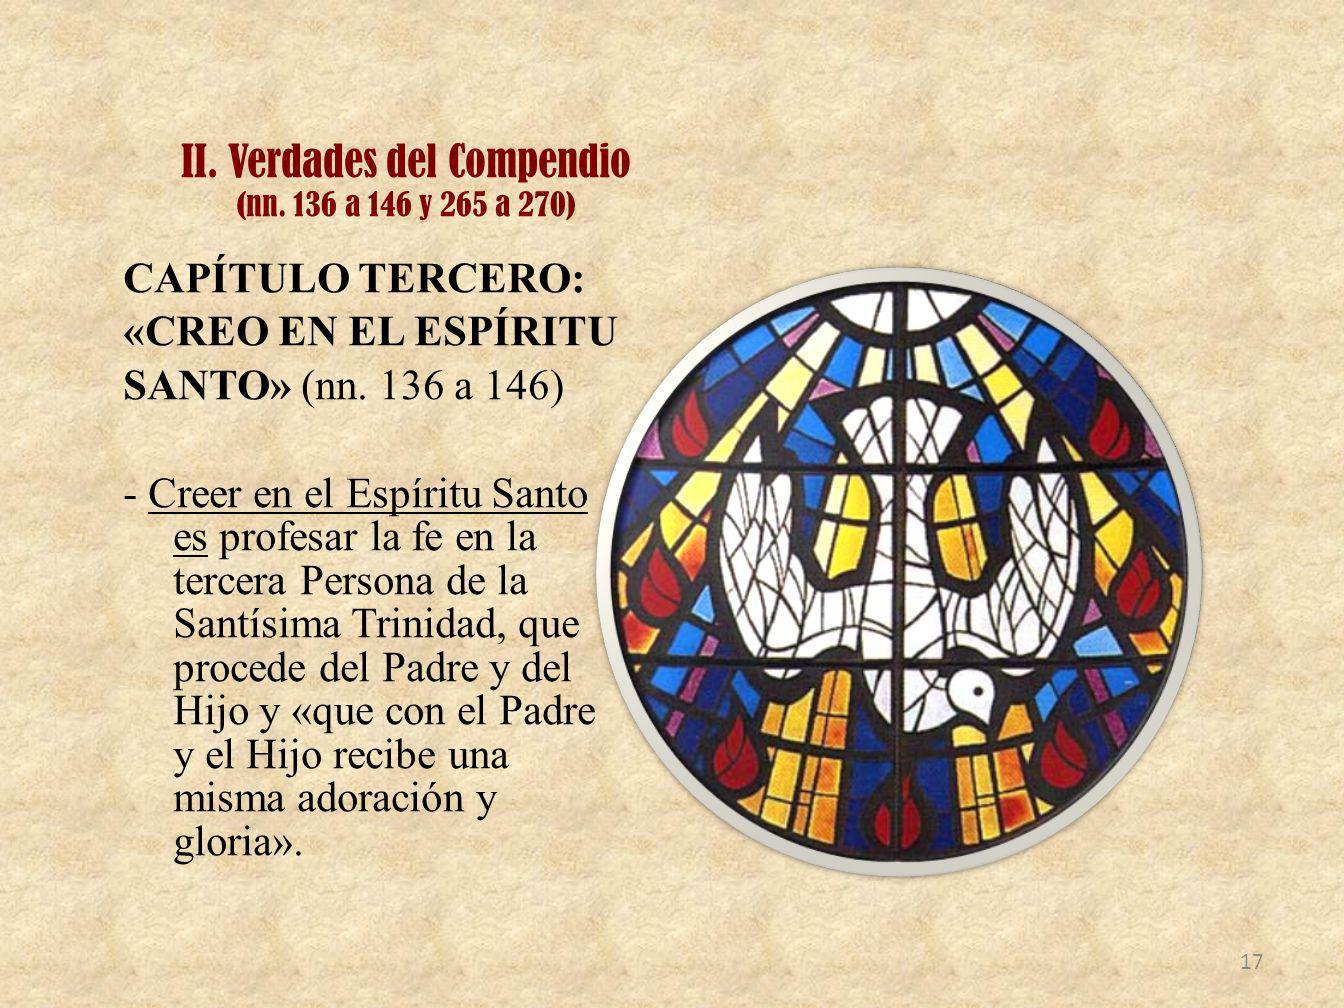 II. Verdades del Compendio (nn. 136 a 146 y 265 a 270) CAPÍTULO TERCERO: «CREO EN EL ESPÍRITU SANTO» (nn. 136 a 146) - Creer en el Espíritu Santo es p